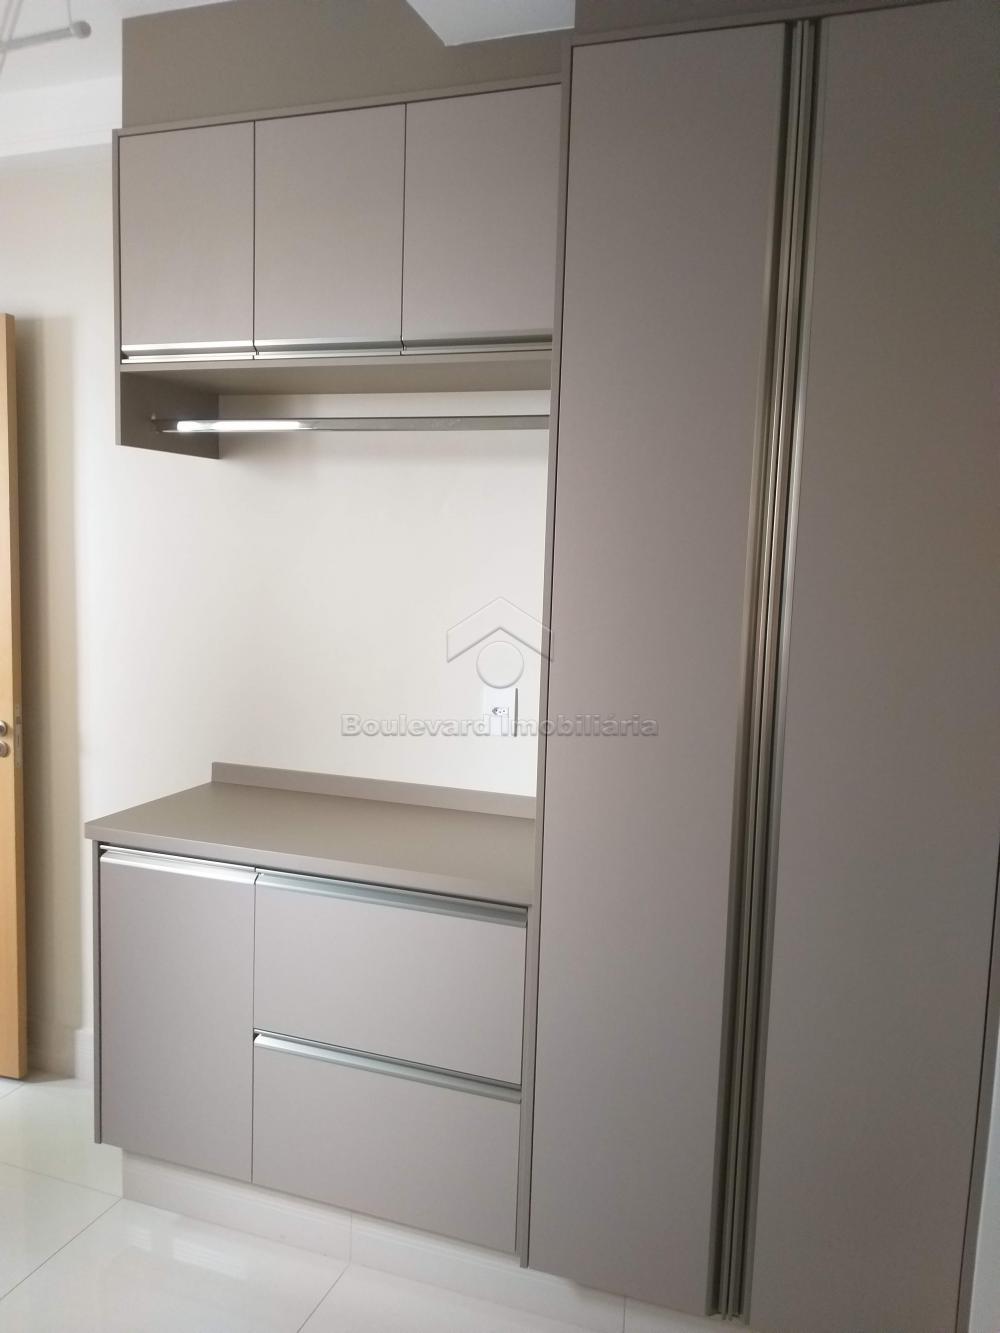 Comprar Apartamento / Padrão em Ribeirão Preto apenas R$ 740.000,00 - Foto 26